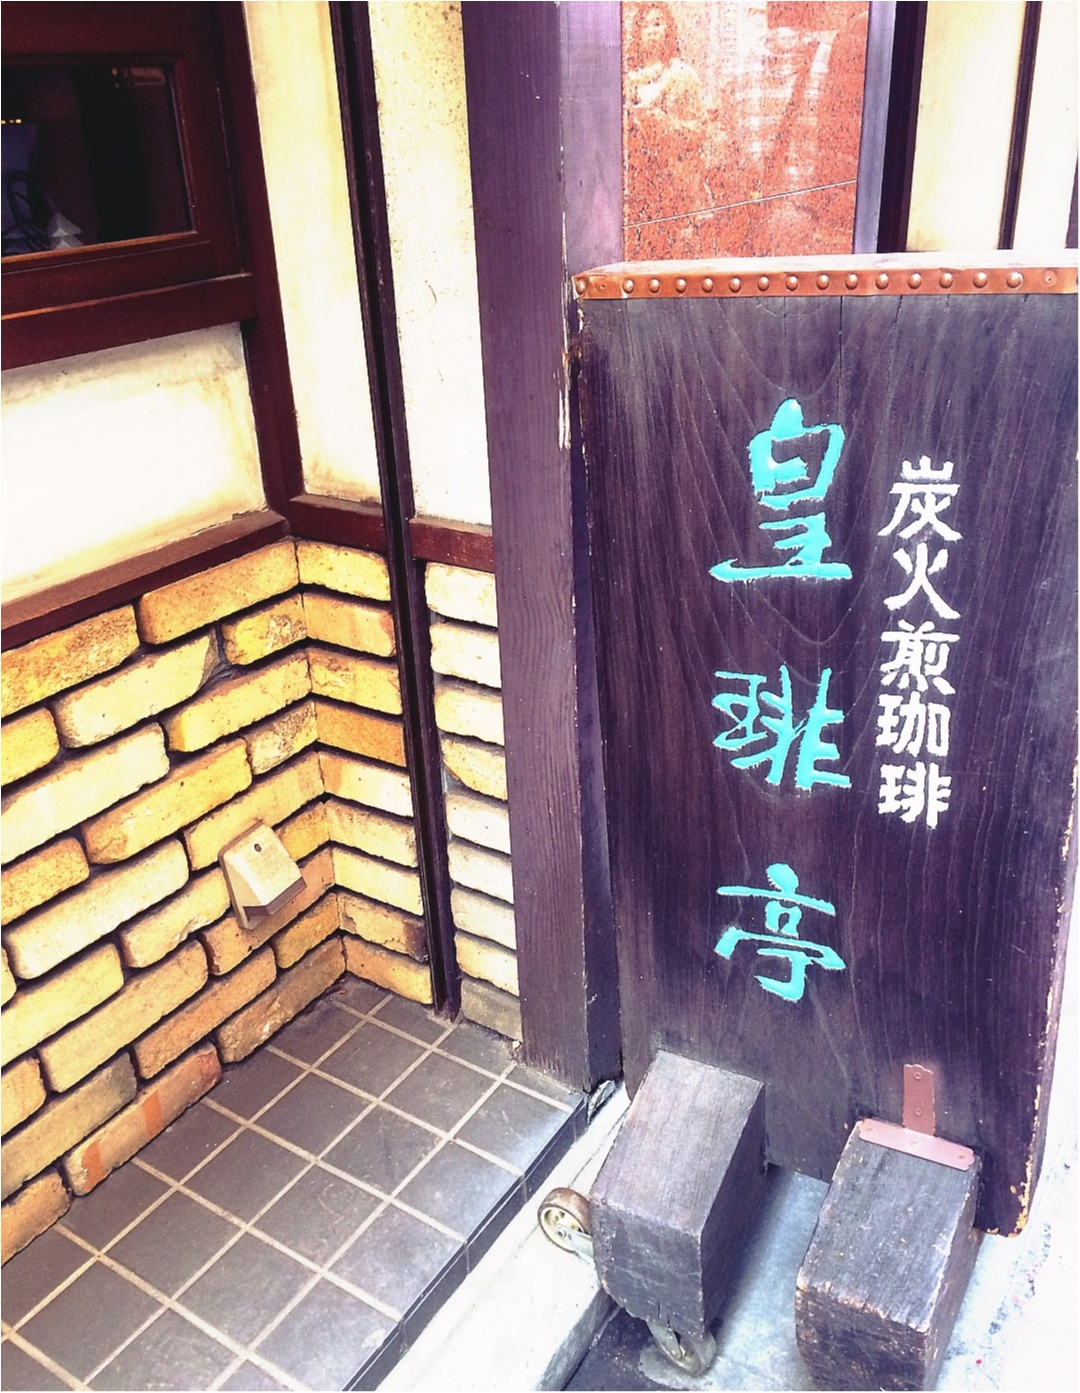 カクテルグラスで味わう美しすぎるコーヒー♡池袋の隠れ家カフェはここ!「皇琲亭」☻_2